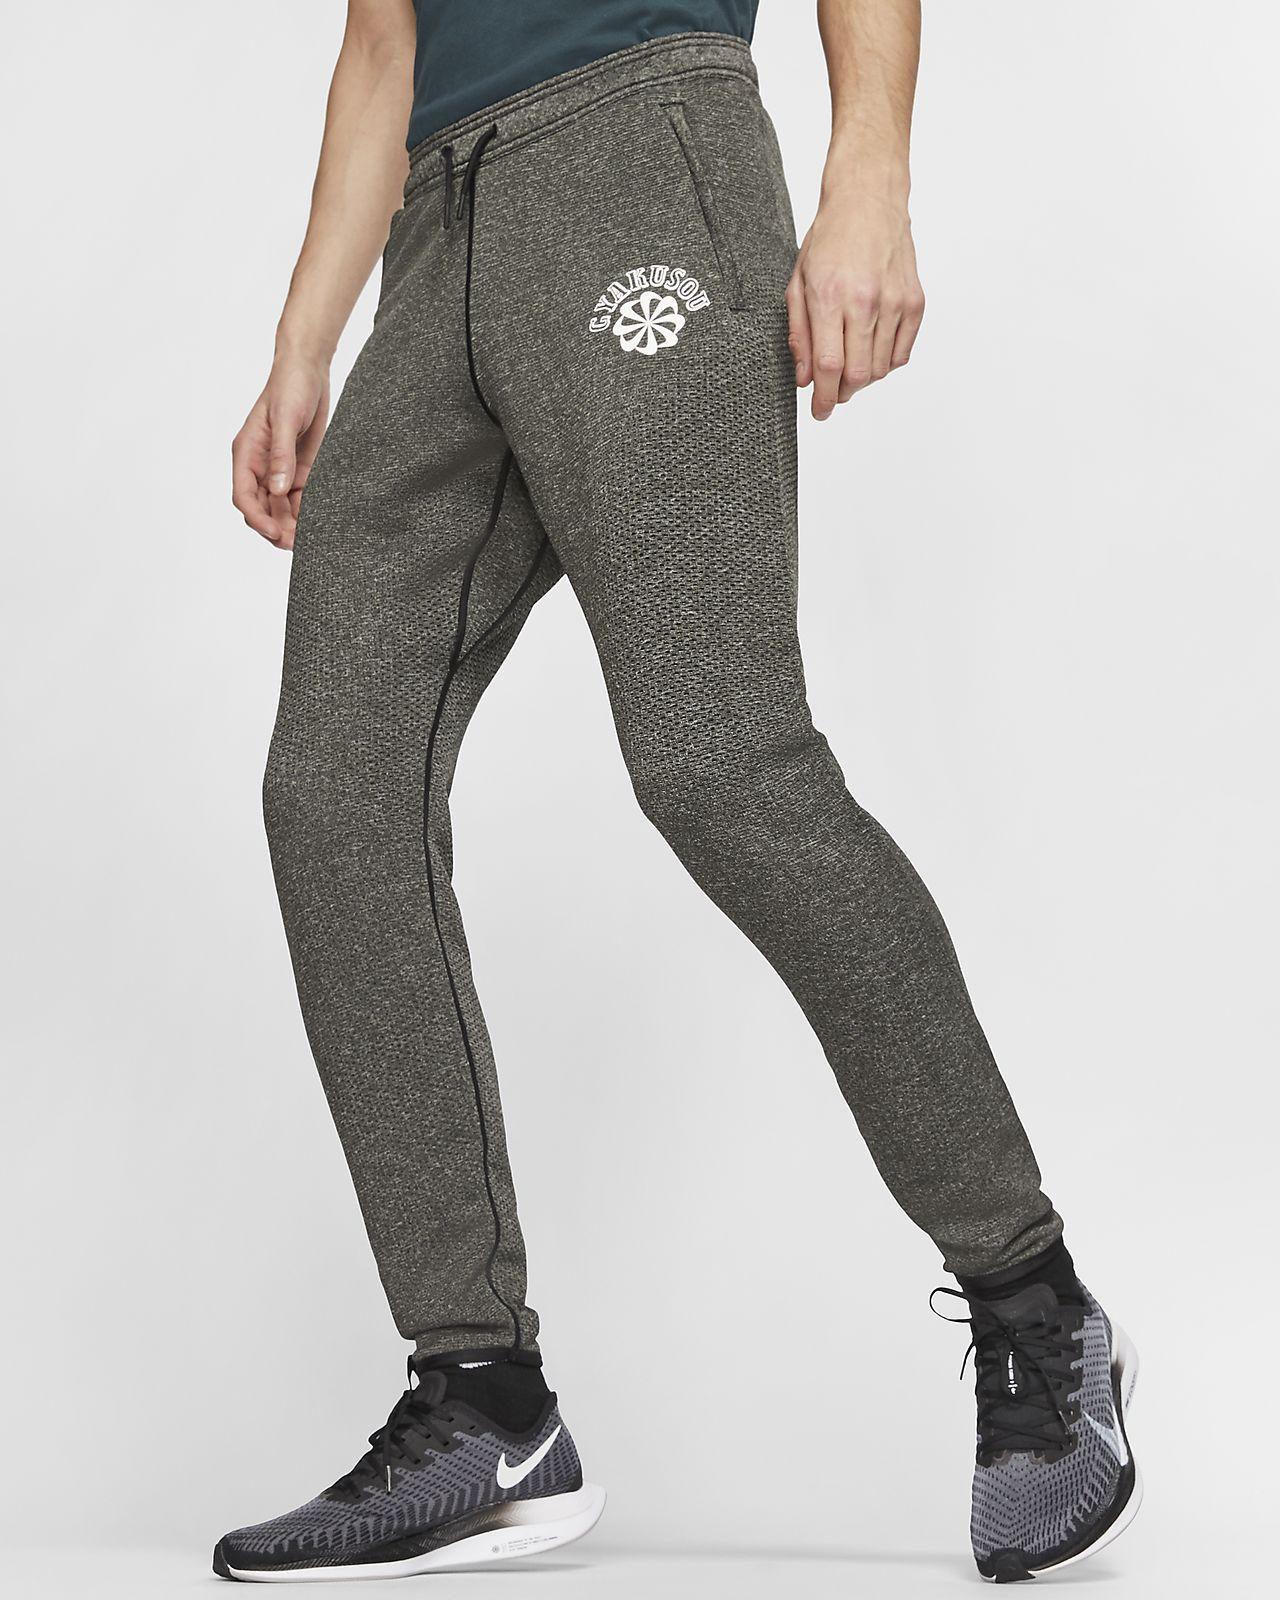 Nike x Gyakusou Knit Trousers